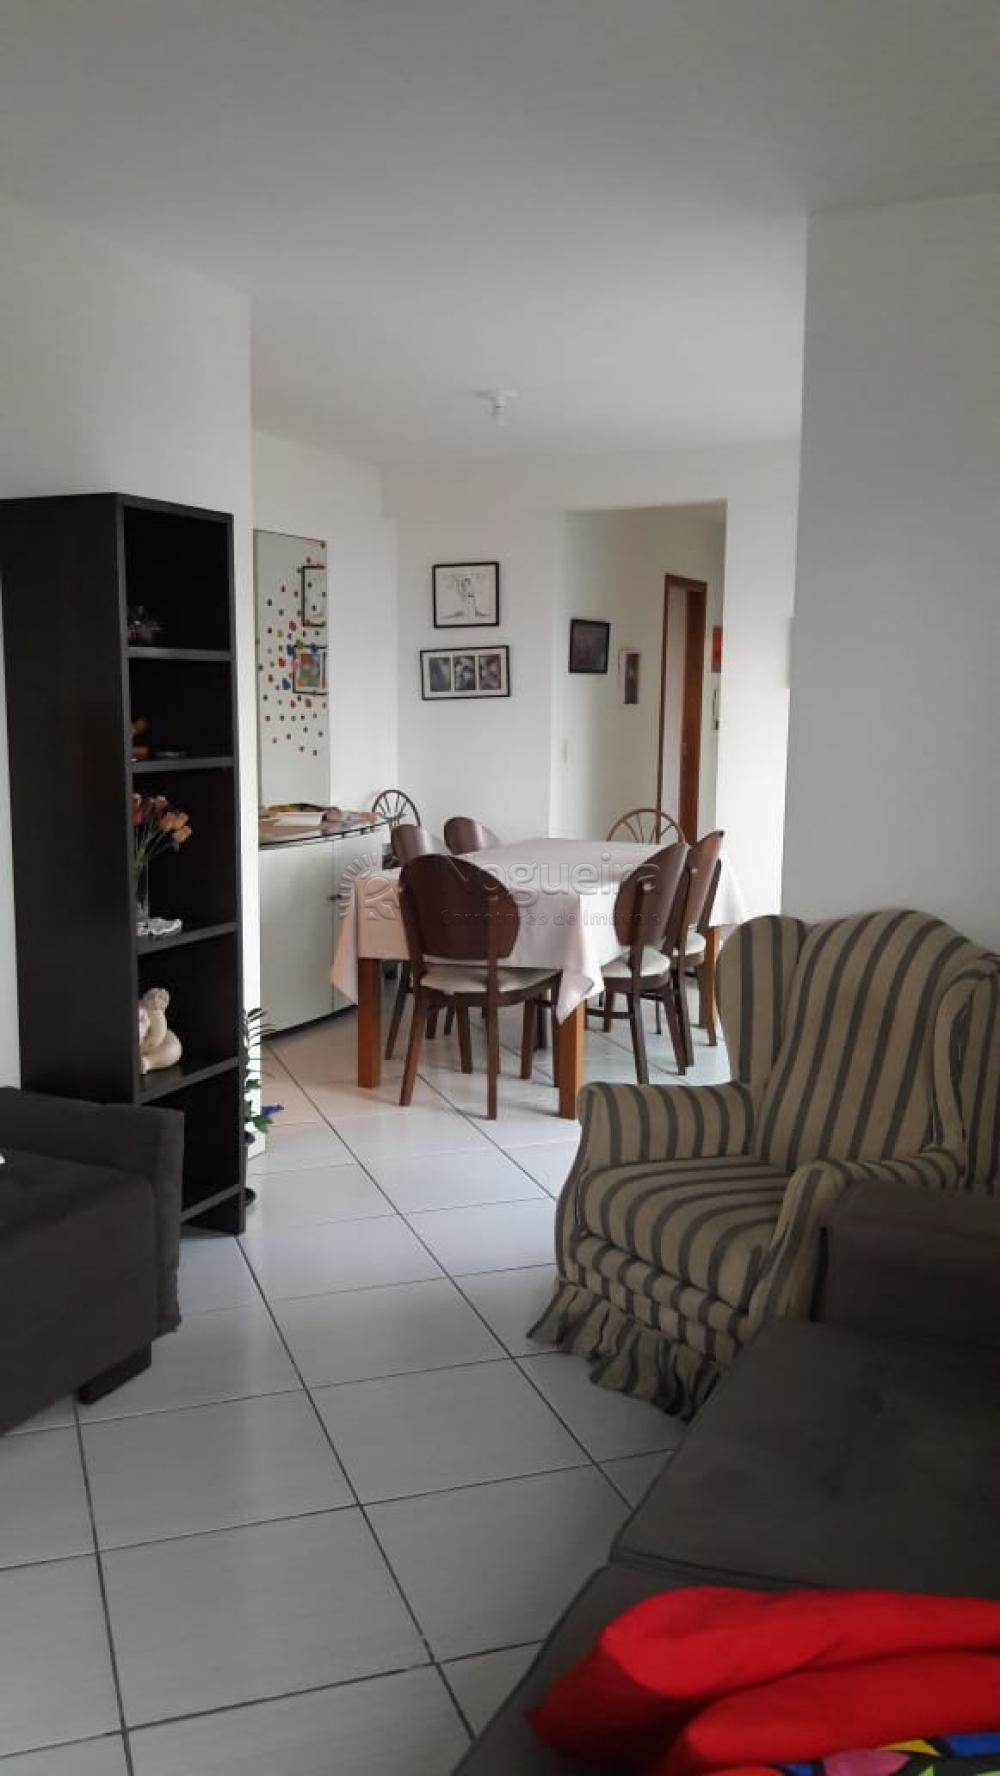 Recife Apartamento Venda R$550.000,00 Condominio R$800,00 3 Dormitorios 1 Suite Area construida 90.55m2